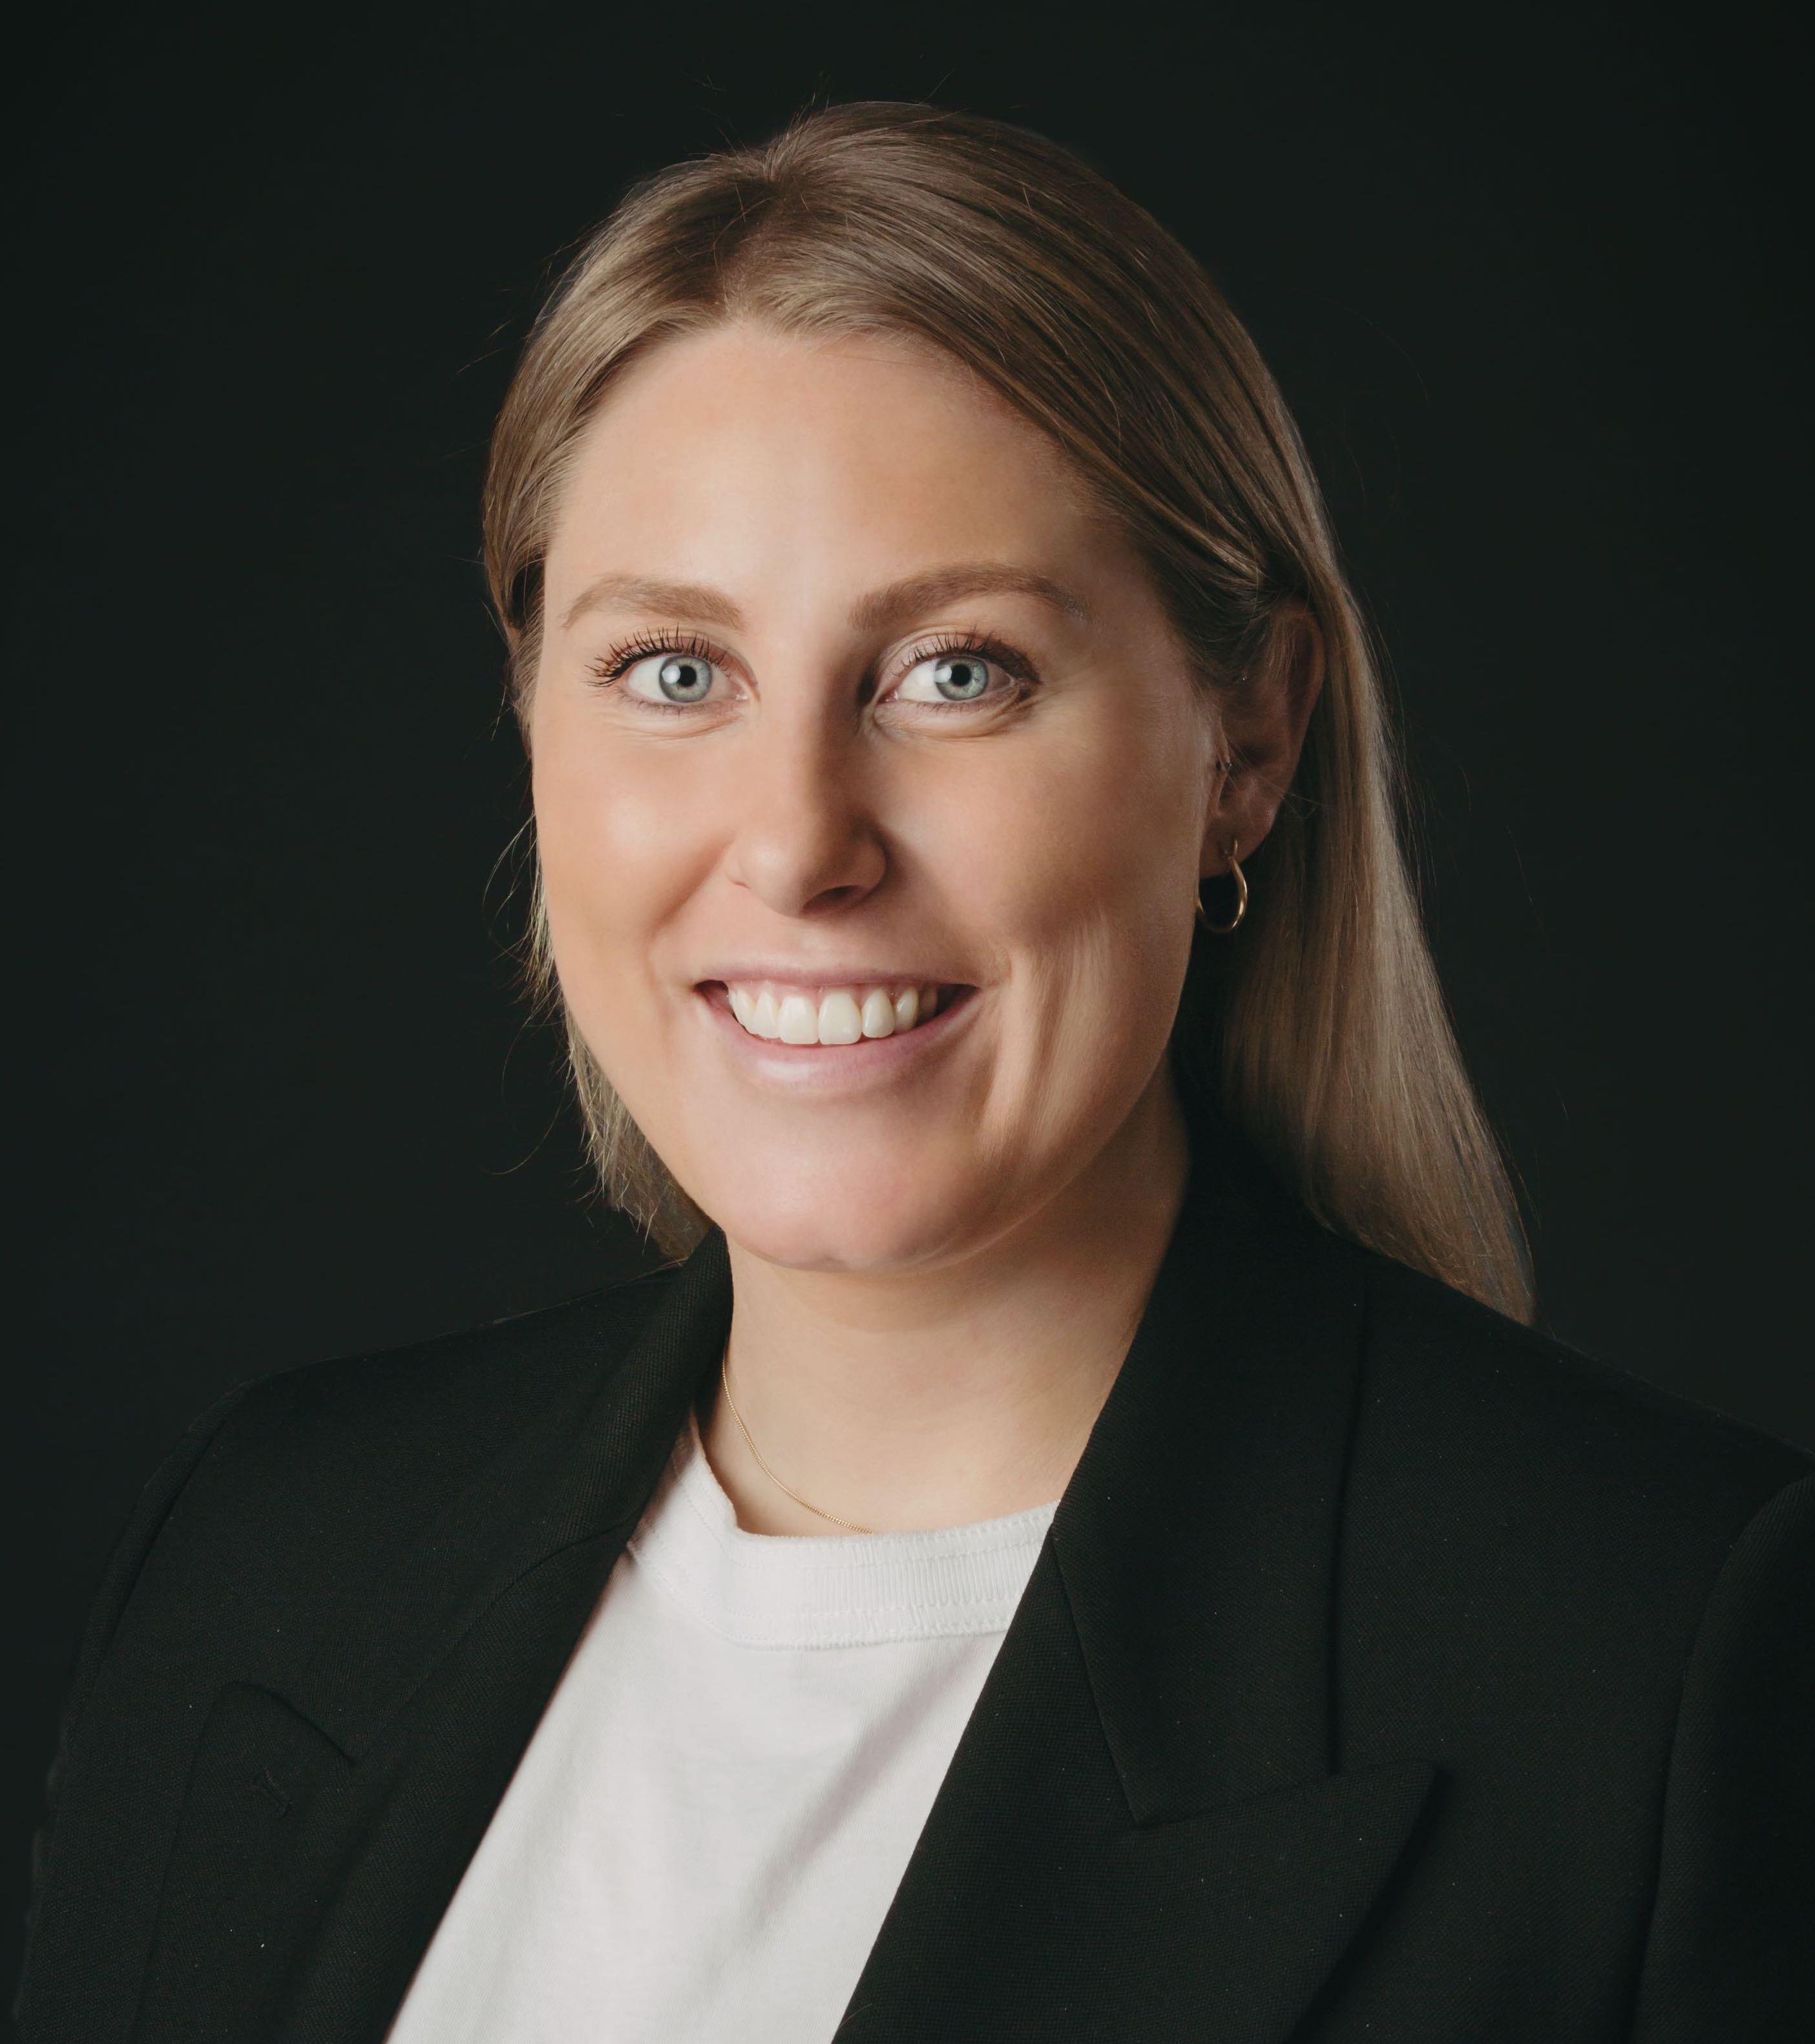 Christina Erstad